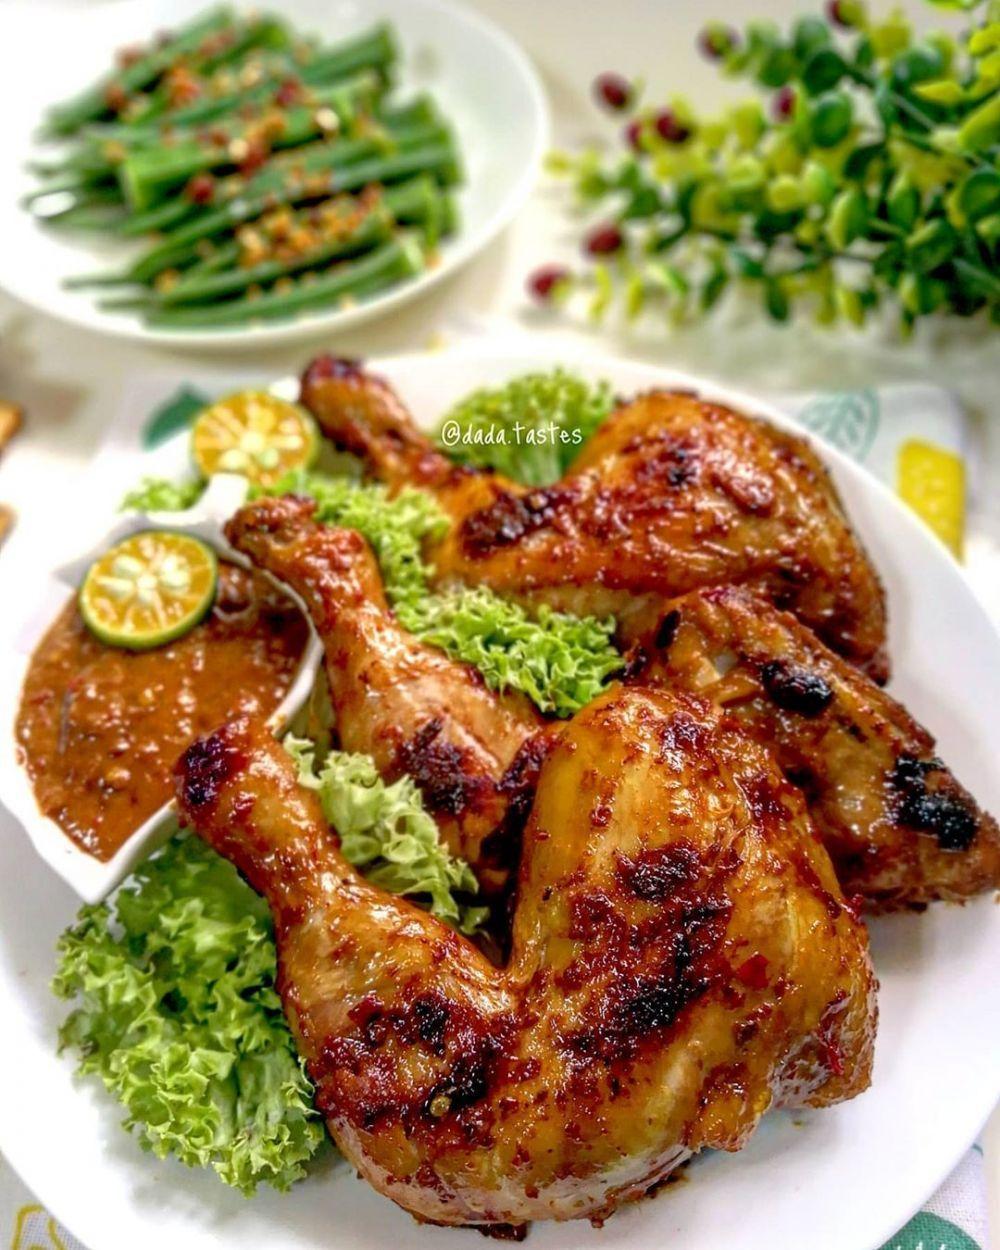 Resep Olahan Ayam Sederhana C 2020 Brilio Net Instagram Yulichia88 Instagram Novita Sari Resep Ide Makanan Ayam